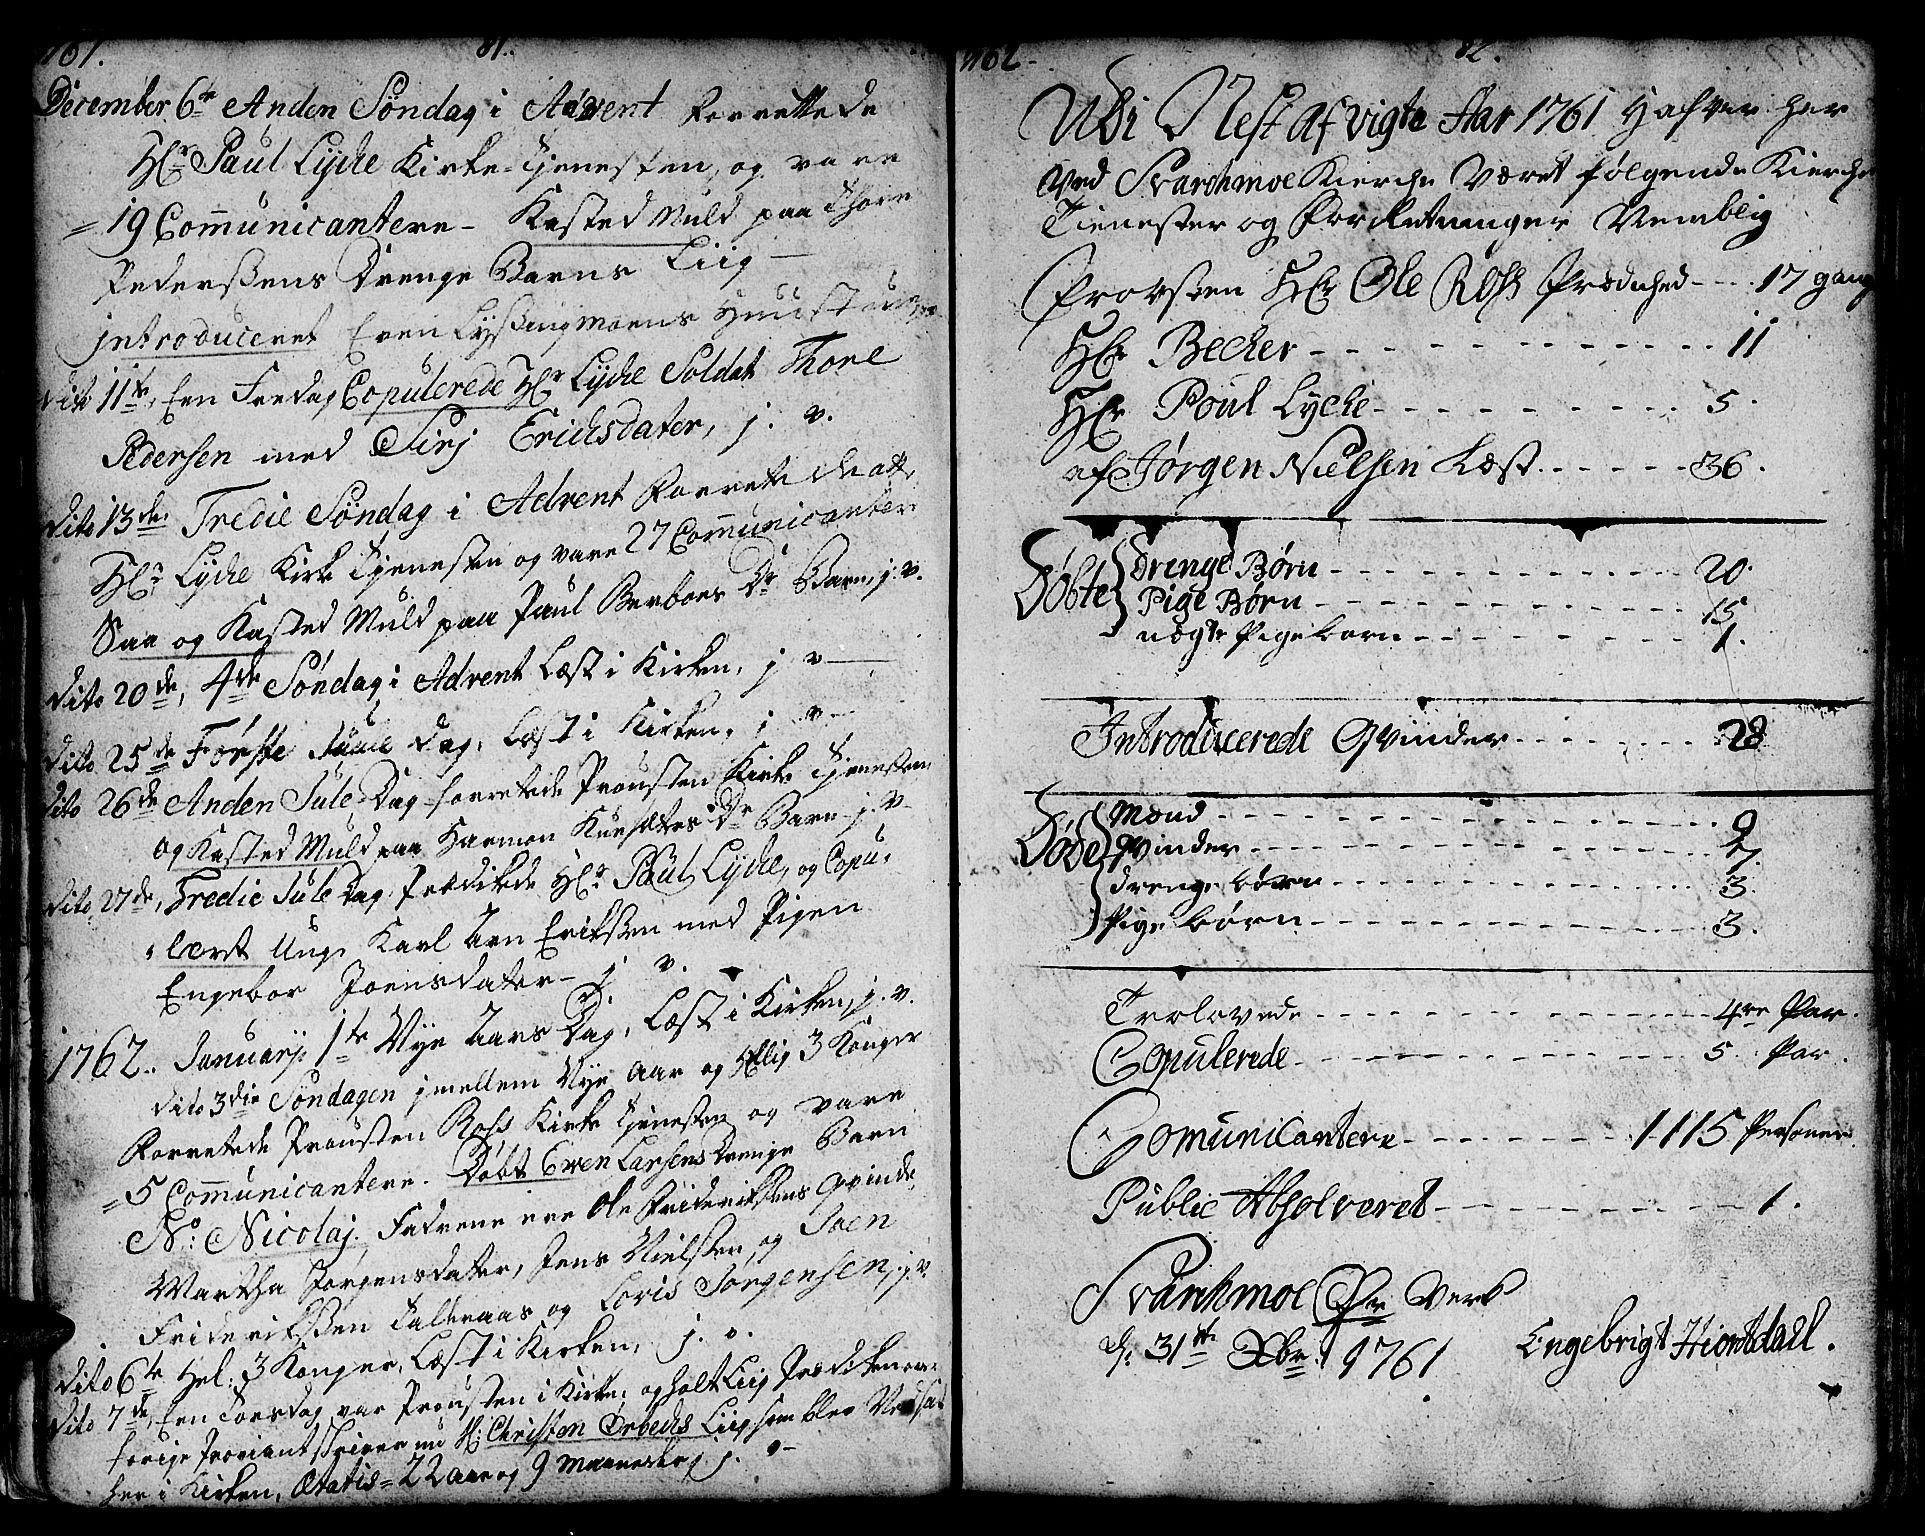 SAT, Ministerialprotokoller, klokkerbøker og fødselsregistre - Sør-Trøndelag, 671/L0840: Ministerialbok nr. 671A02, 1756-1794, s. 81-82